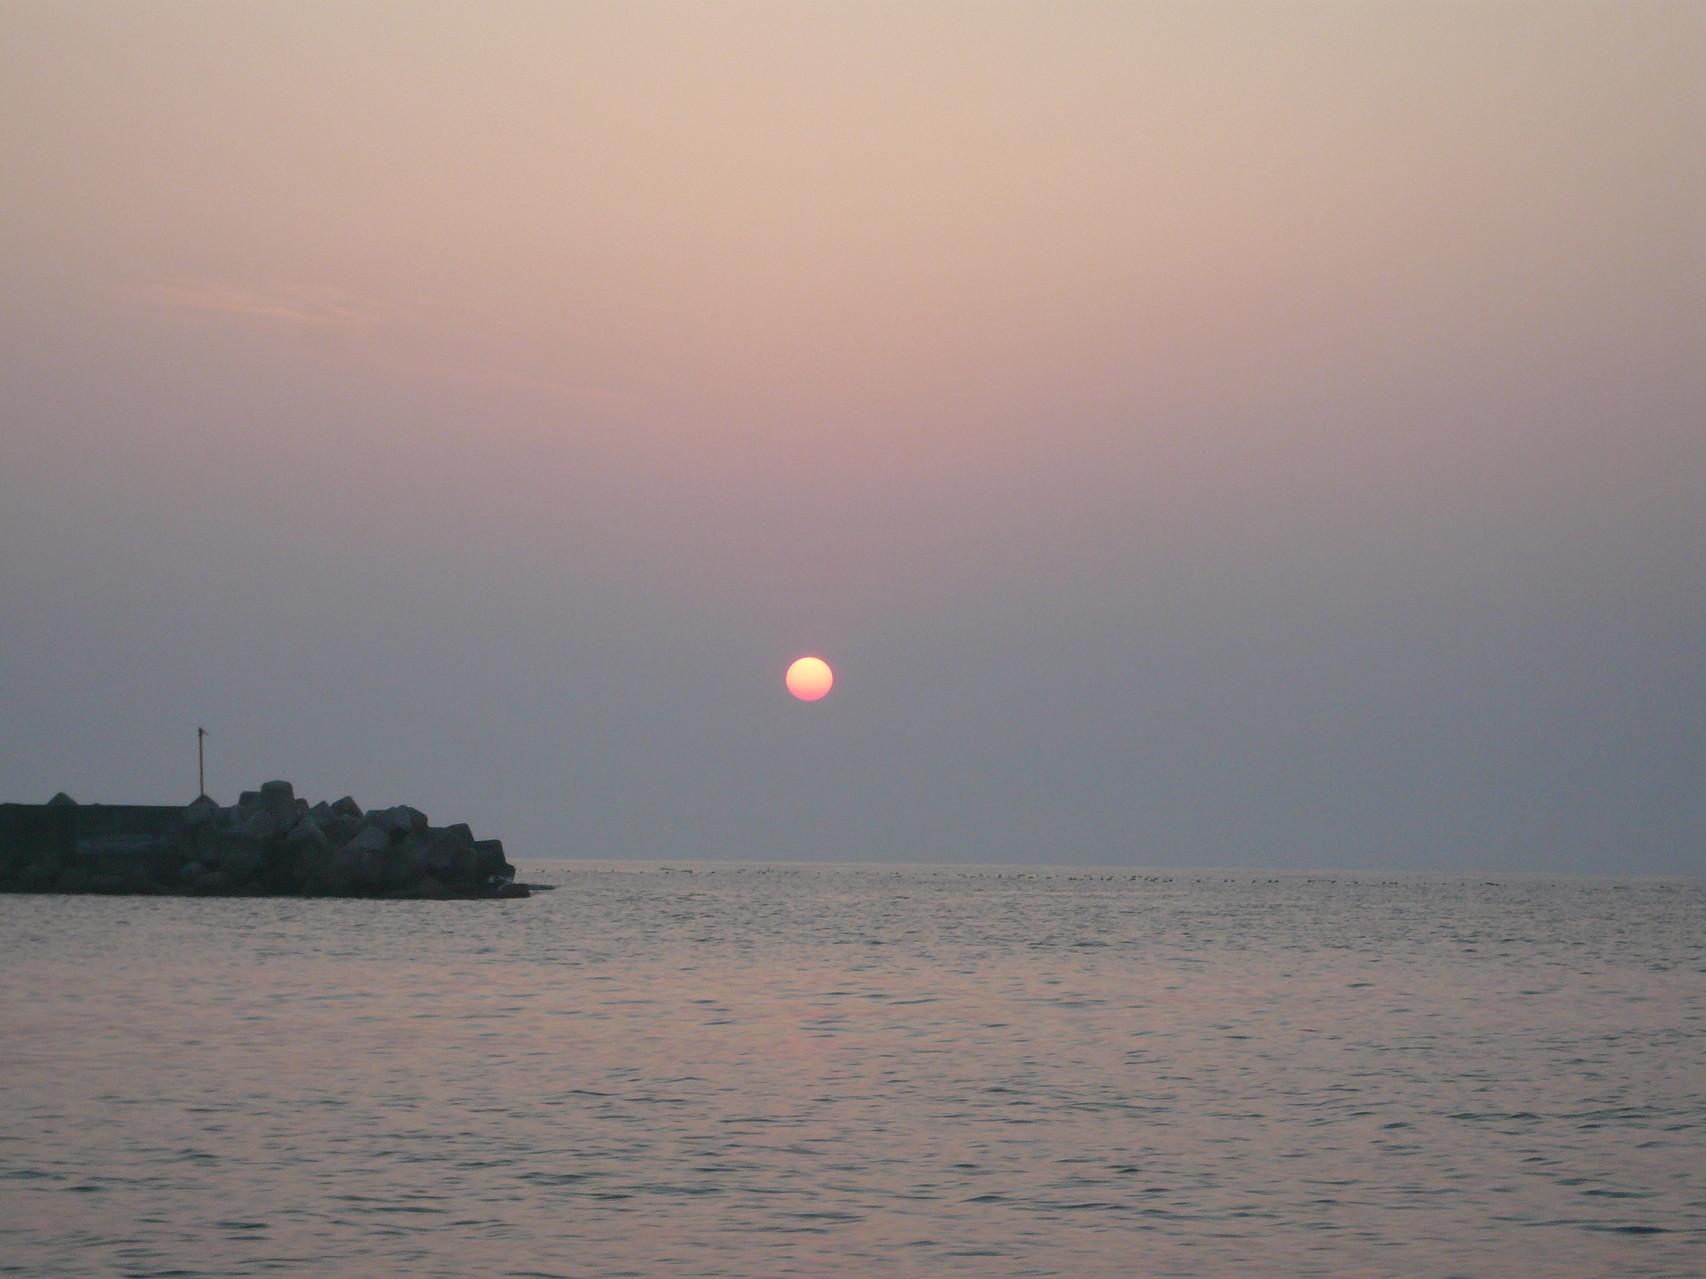 5月22日 比田勝港出口防波堤 いい凪で 日の出